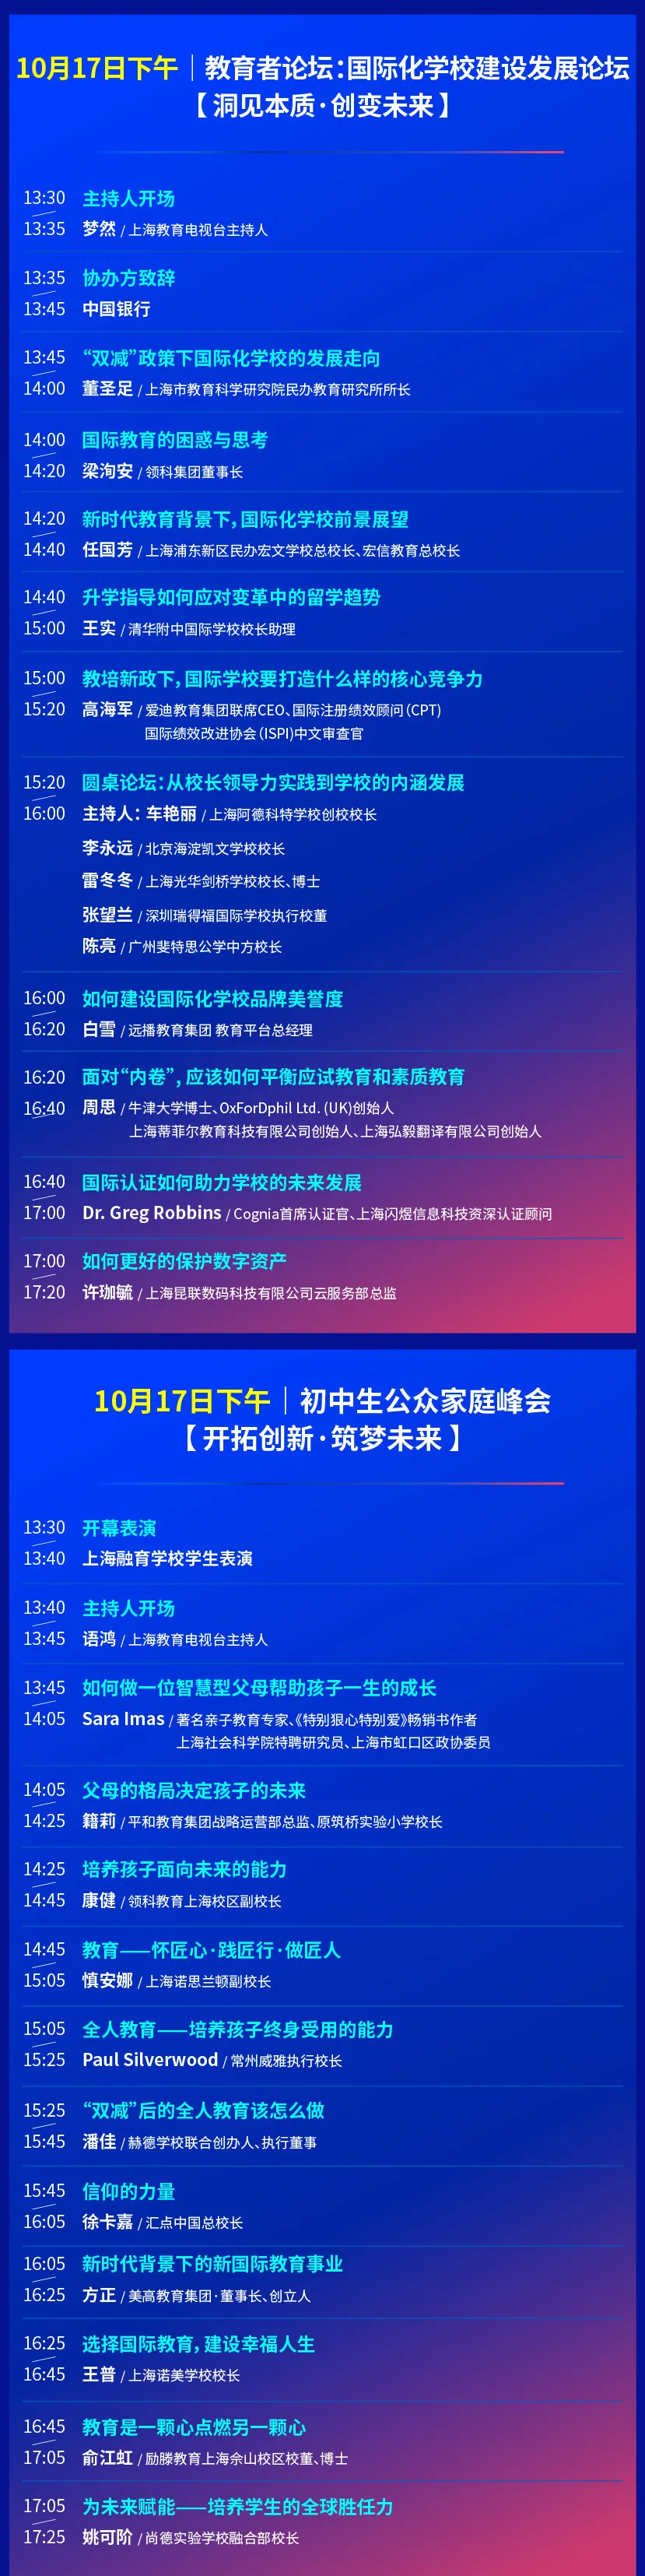 第四届IEIC大会议程安排